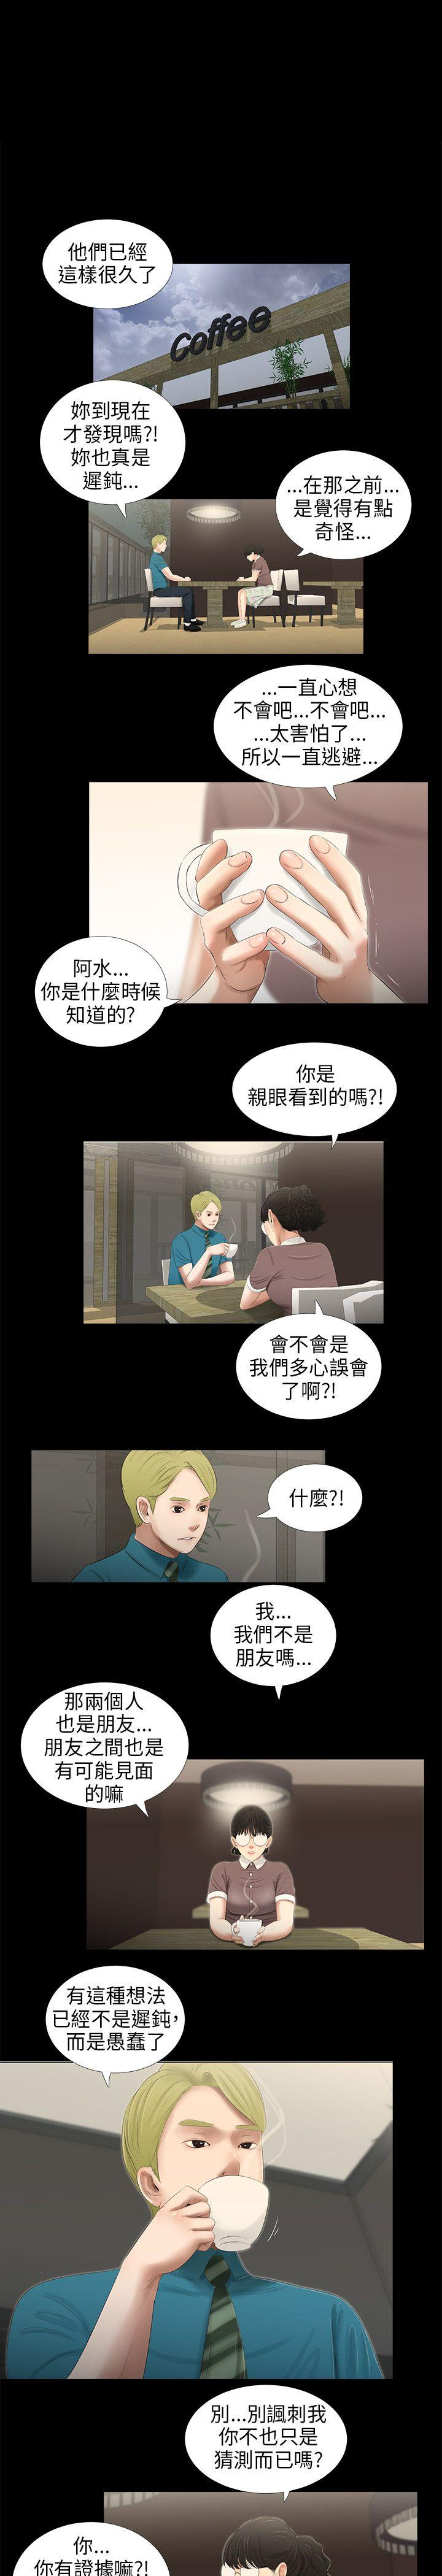 三姐妹 47-50 Chinese 1